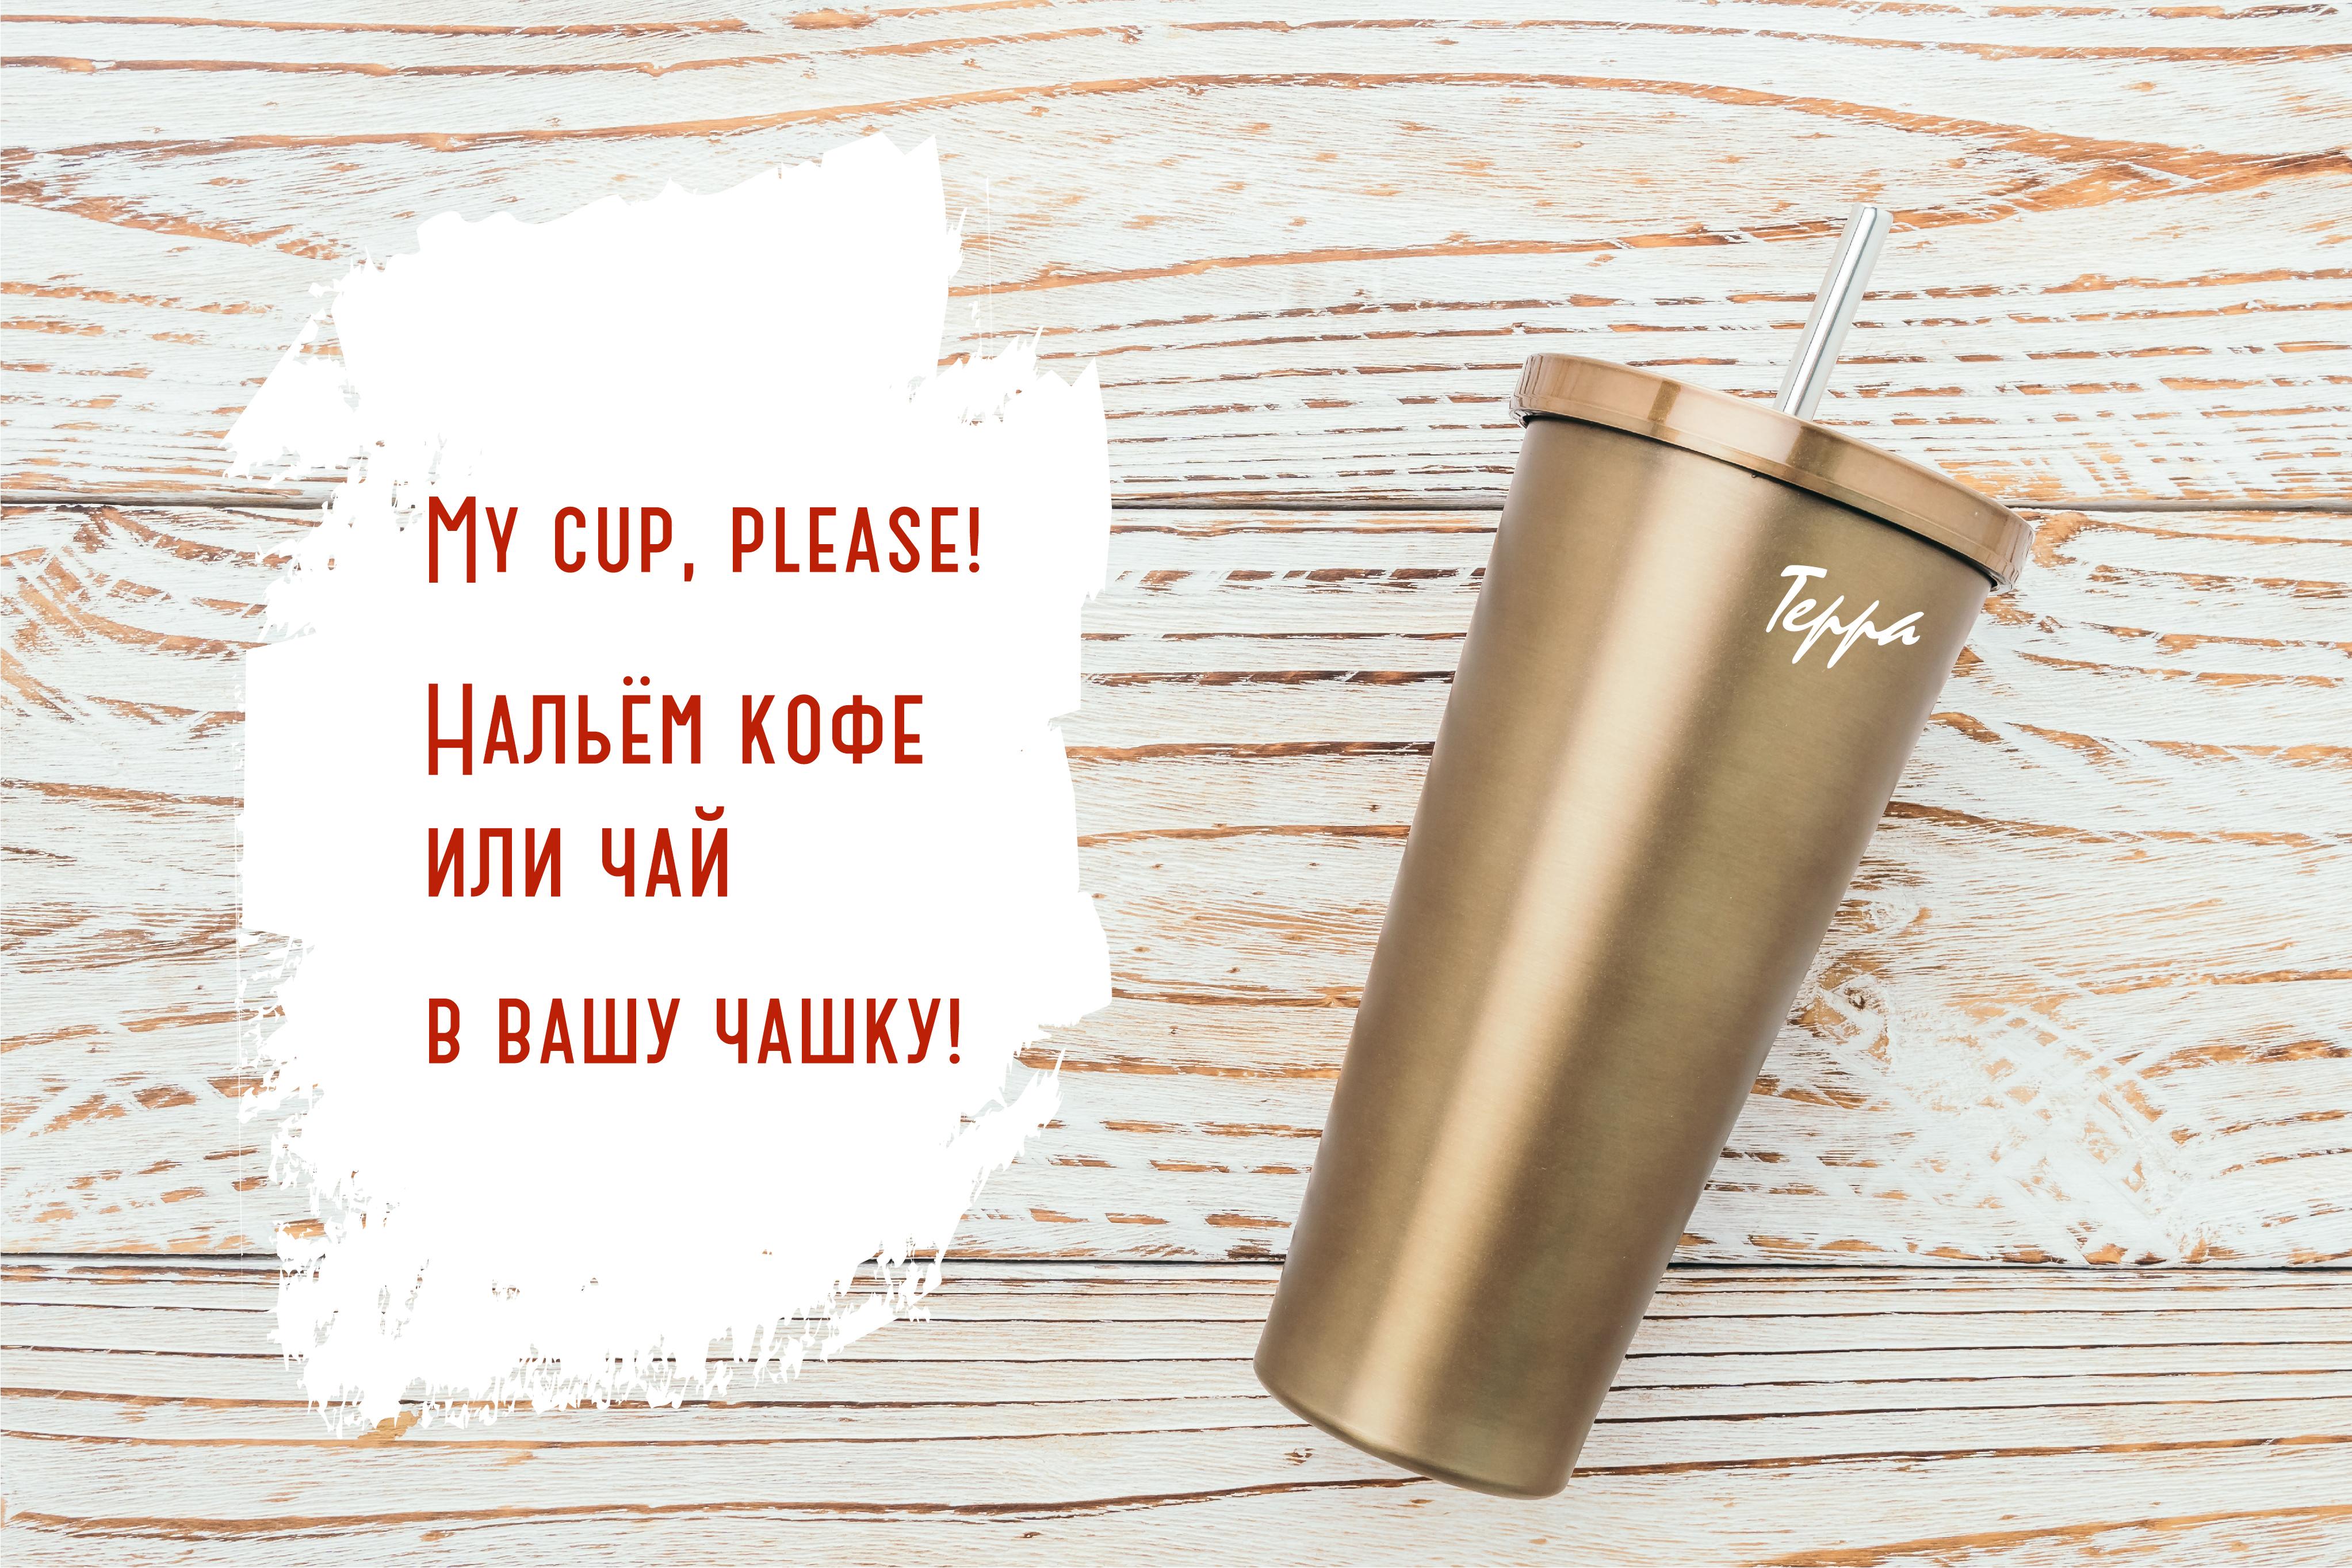 My cup, нальем кофе в вашу чашку!